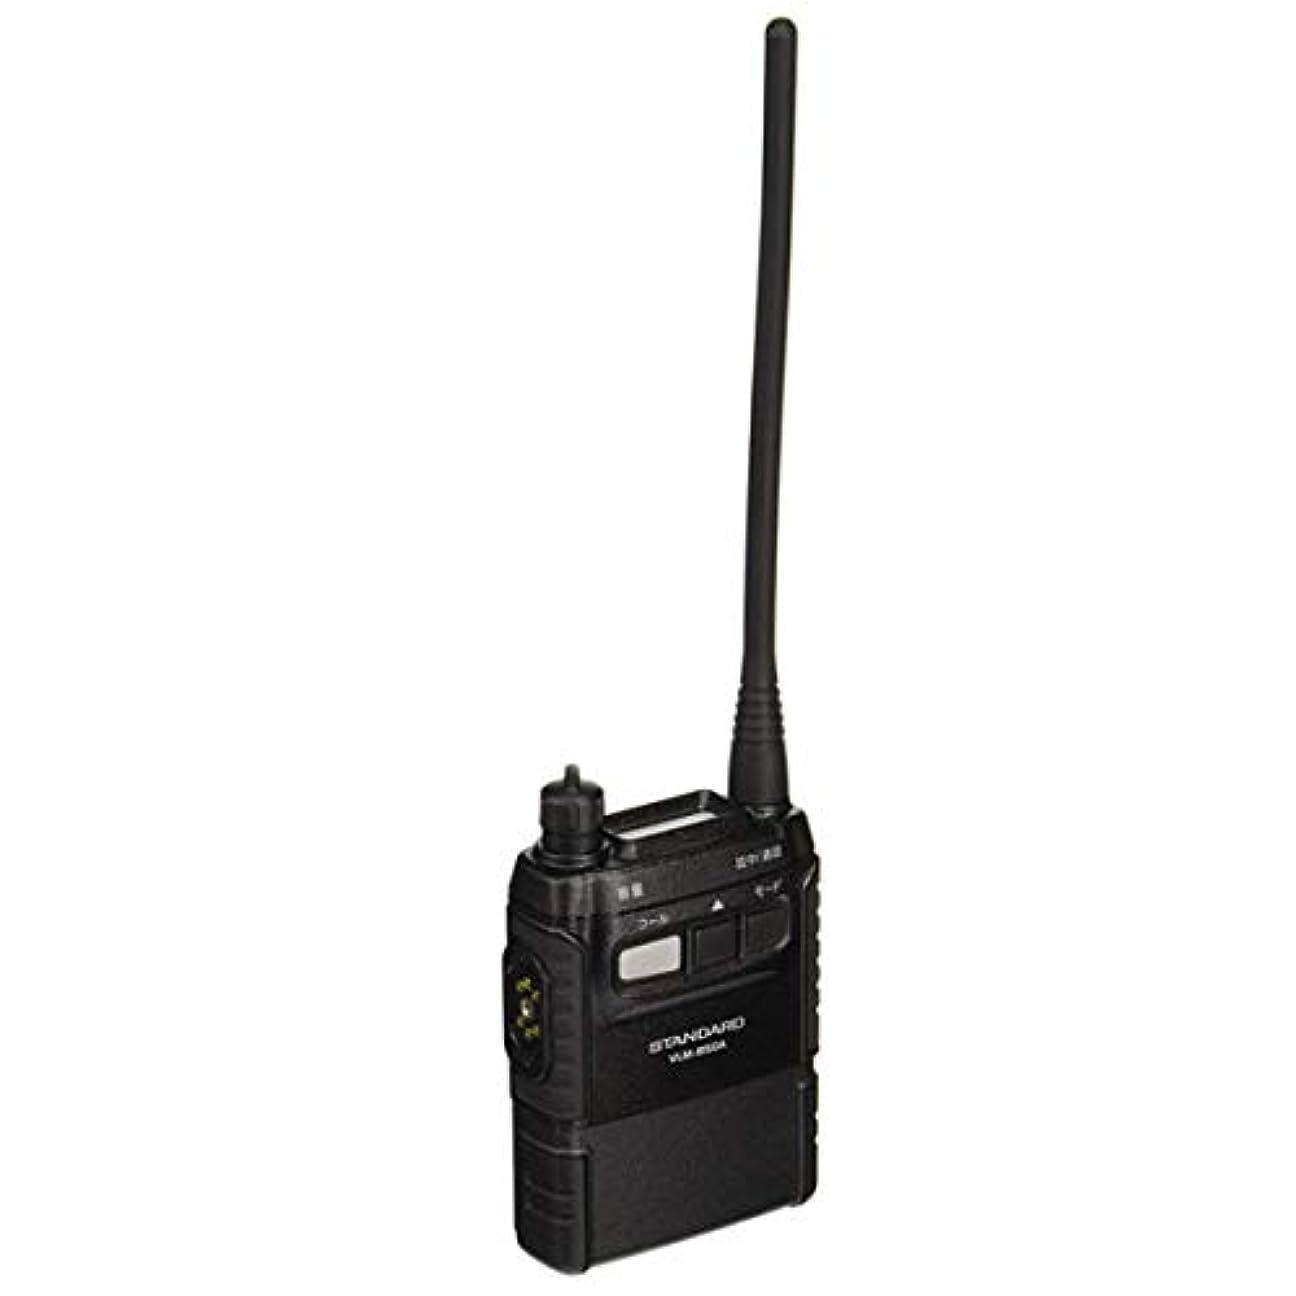 罰さびた書士バーテックス スタンダード 同時通話型特定小電力無線機 VLM-850A